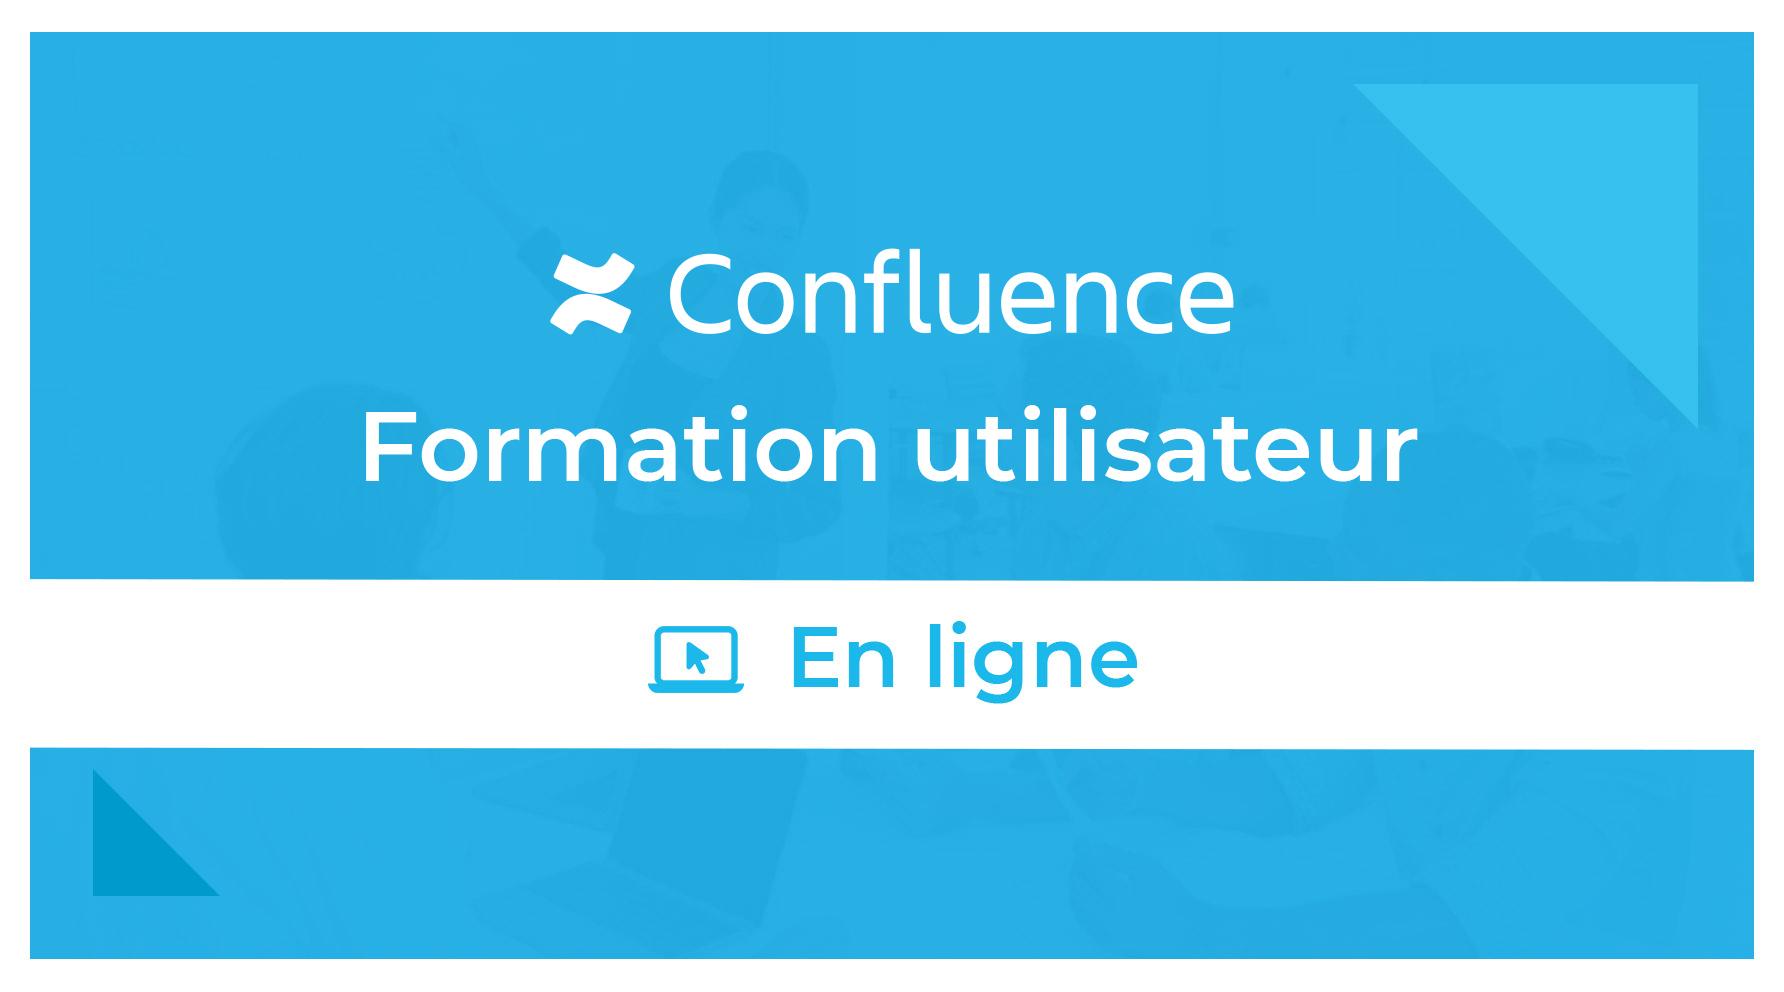 Formation Confluence en ligne